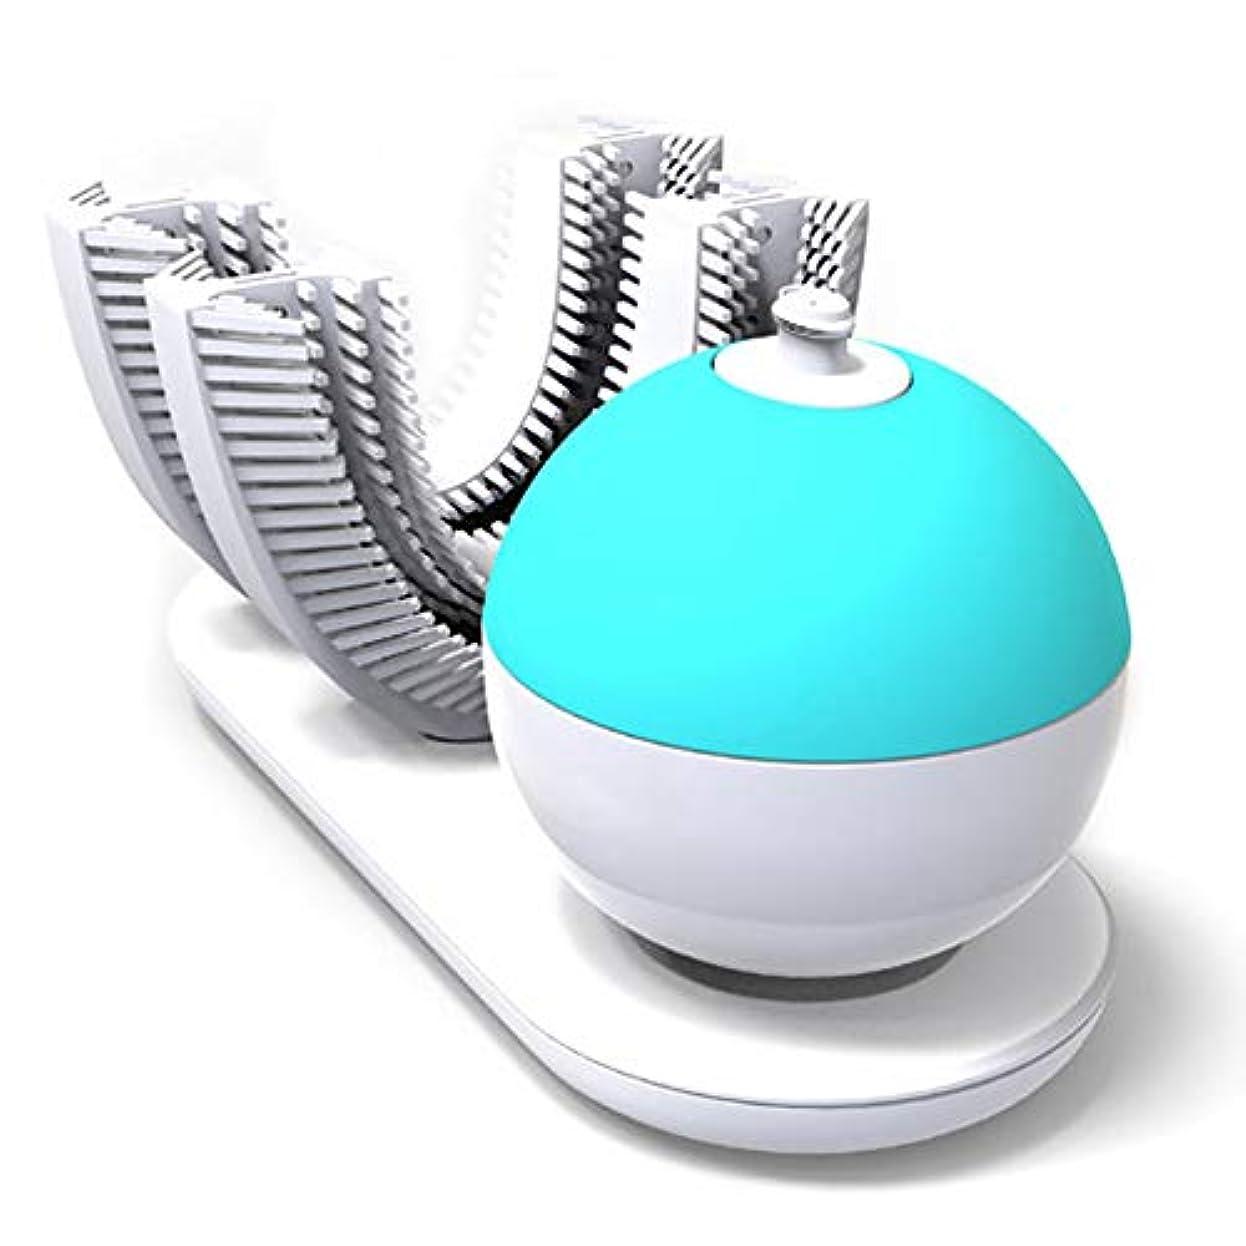 クラフト迅速火山のフルオートマチック可変周波数電動歯ブラシ、自動360度U字型電動歯ブラシ、ワイヤレス充電IPX7防水自動歯ブラシ(大人用)